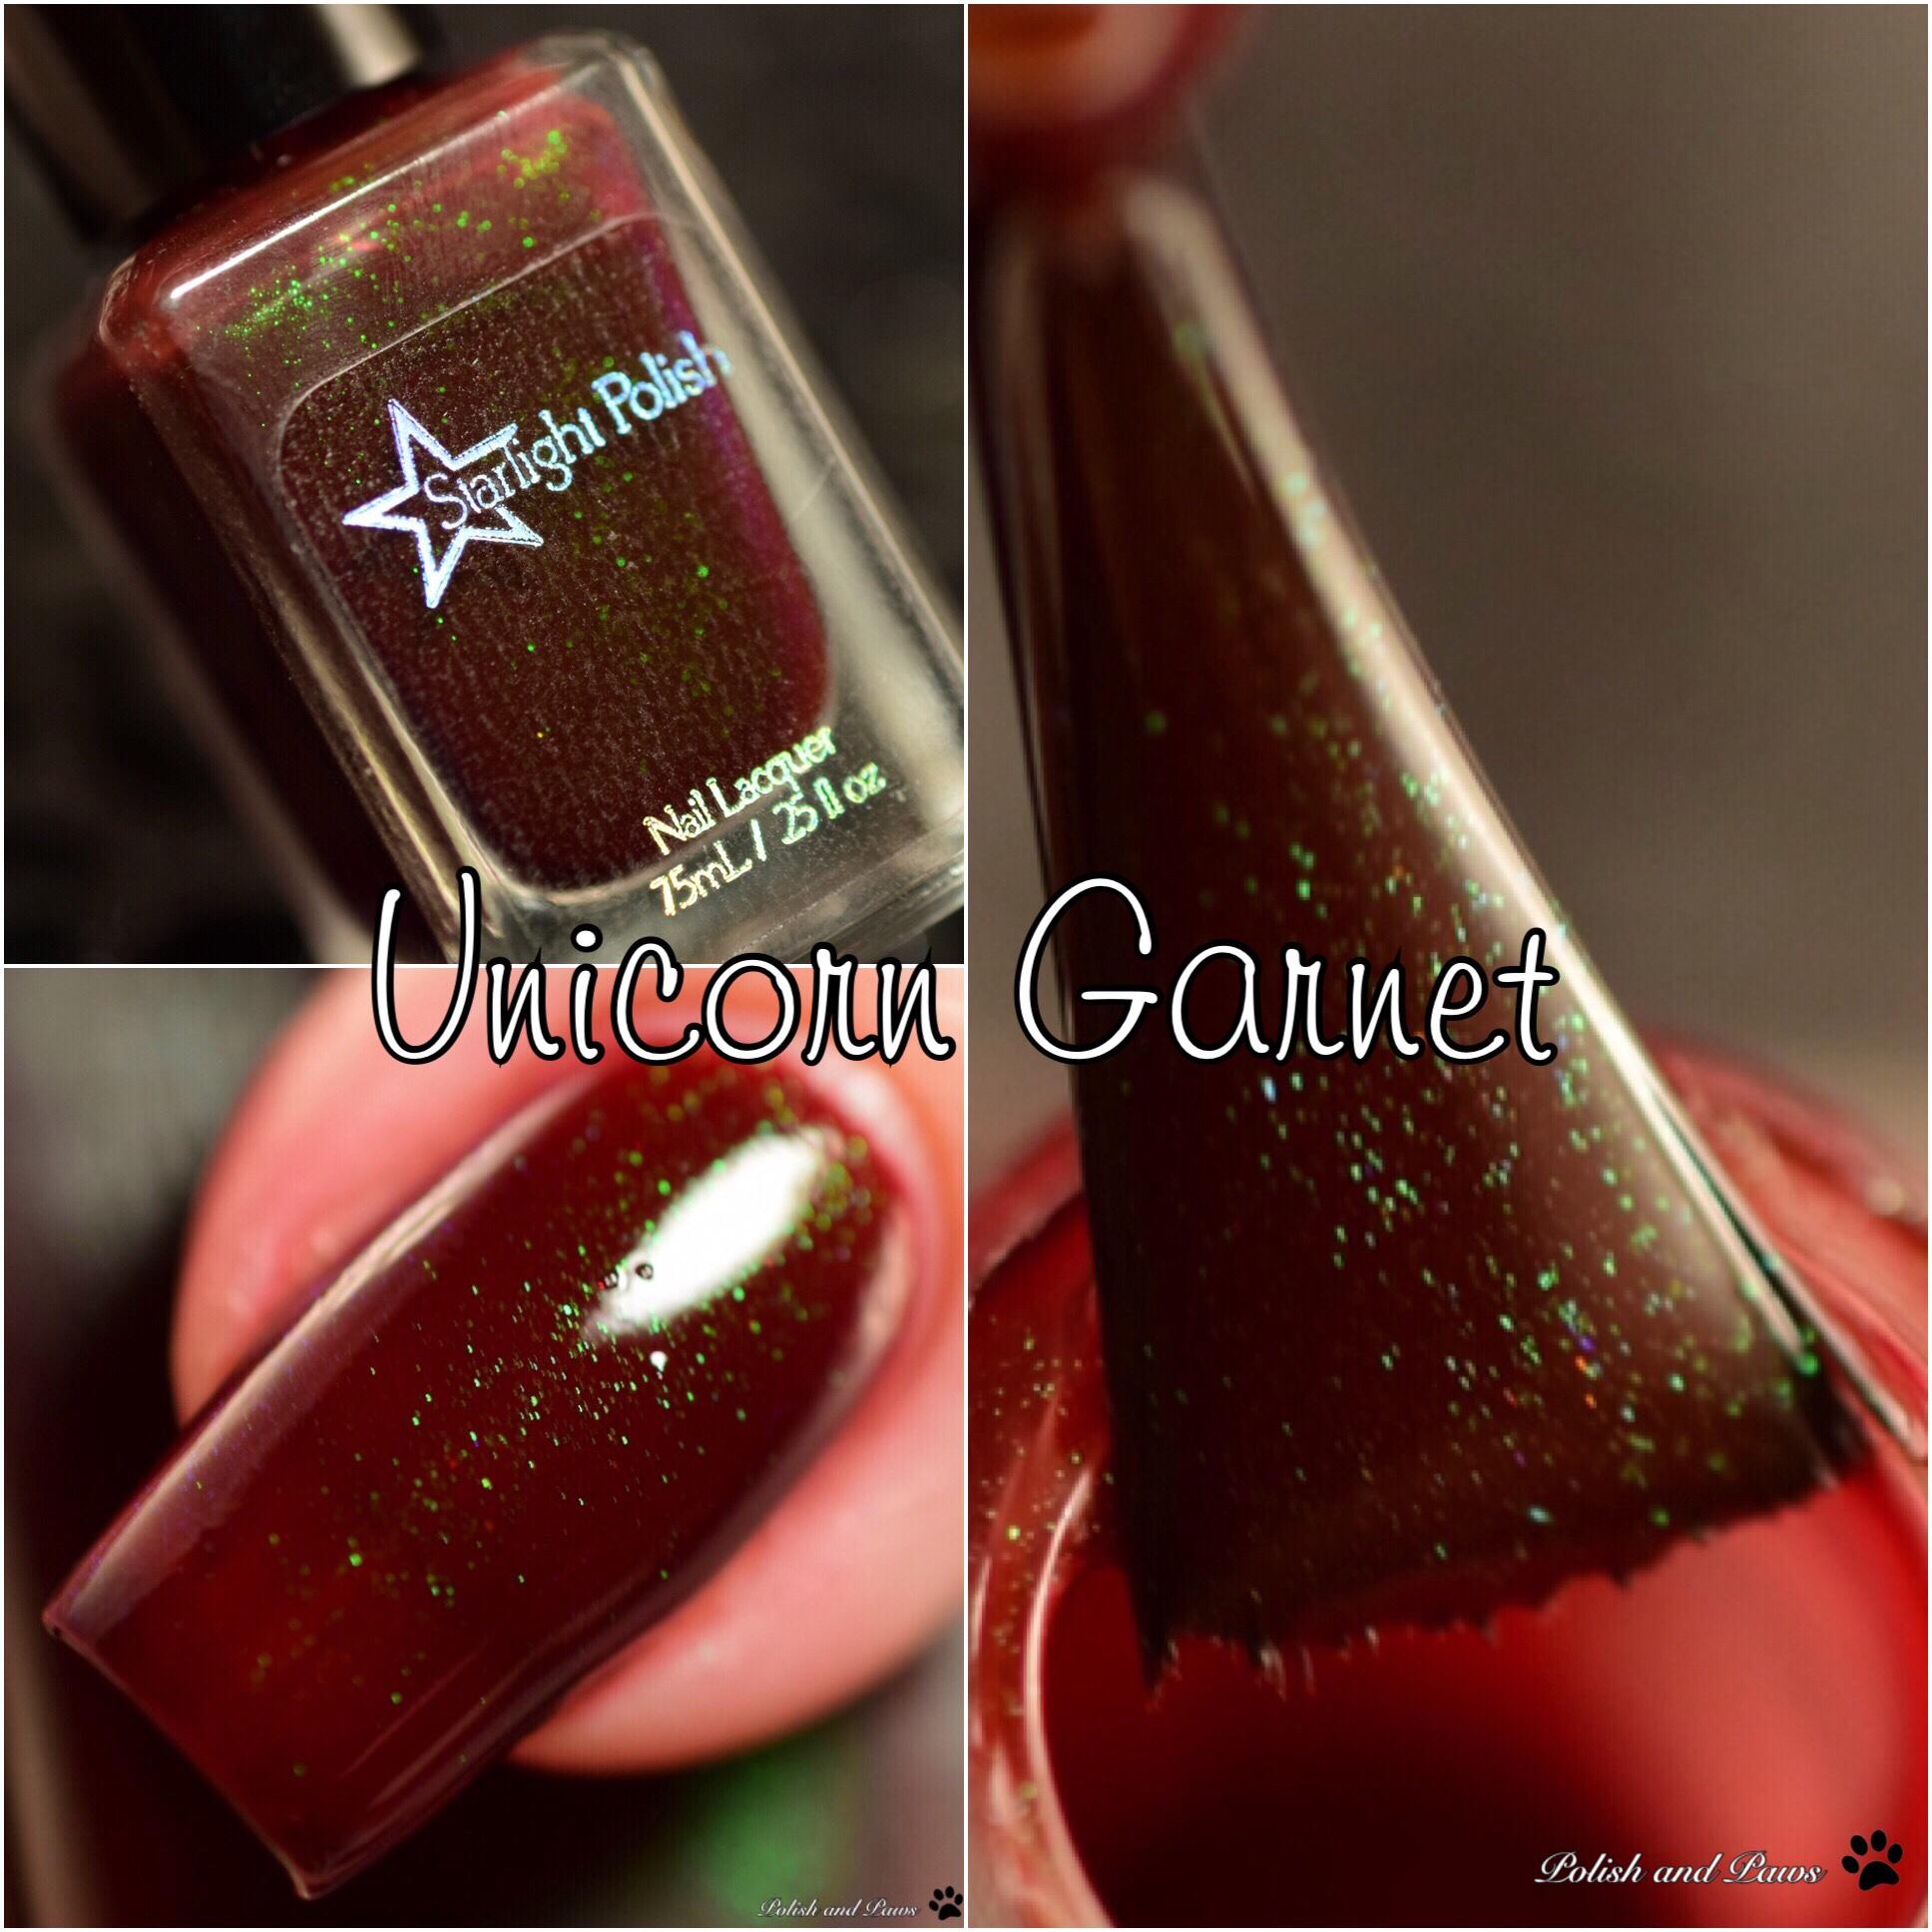 Starlight Polish Unicorn Garnet